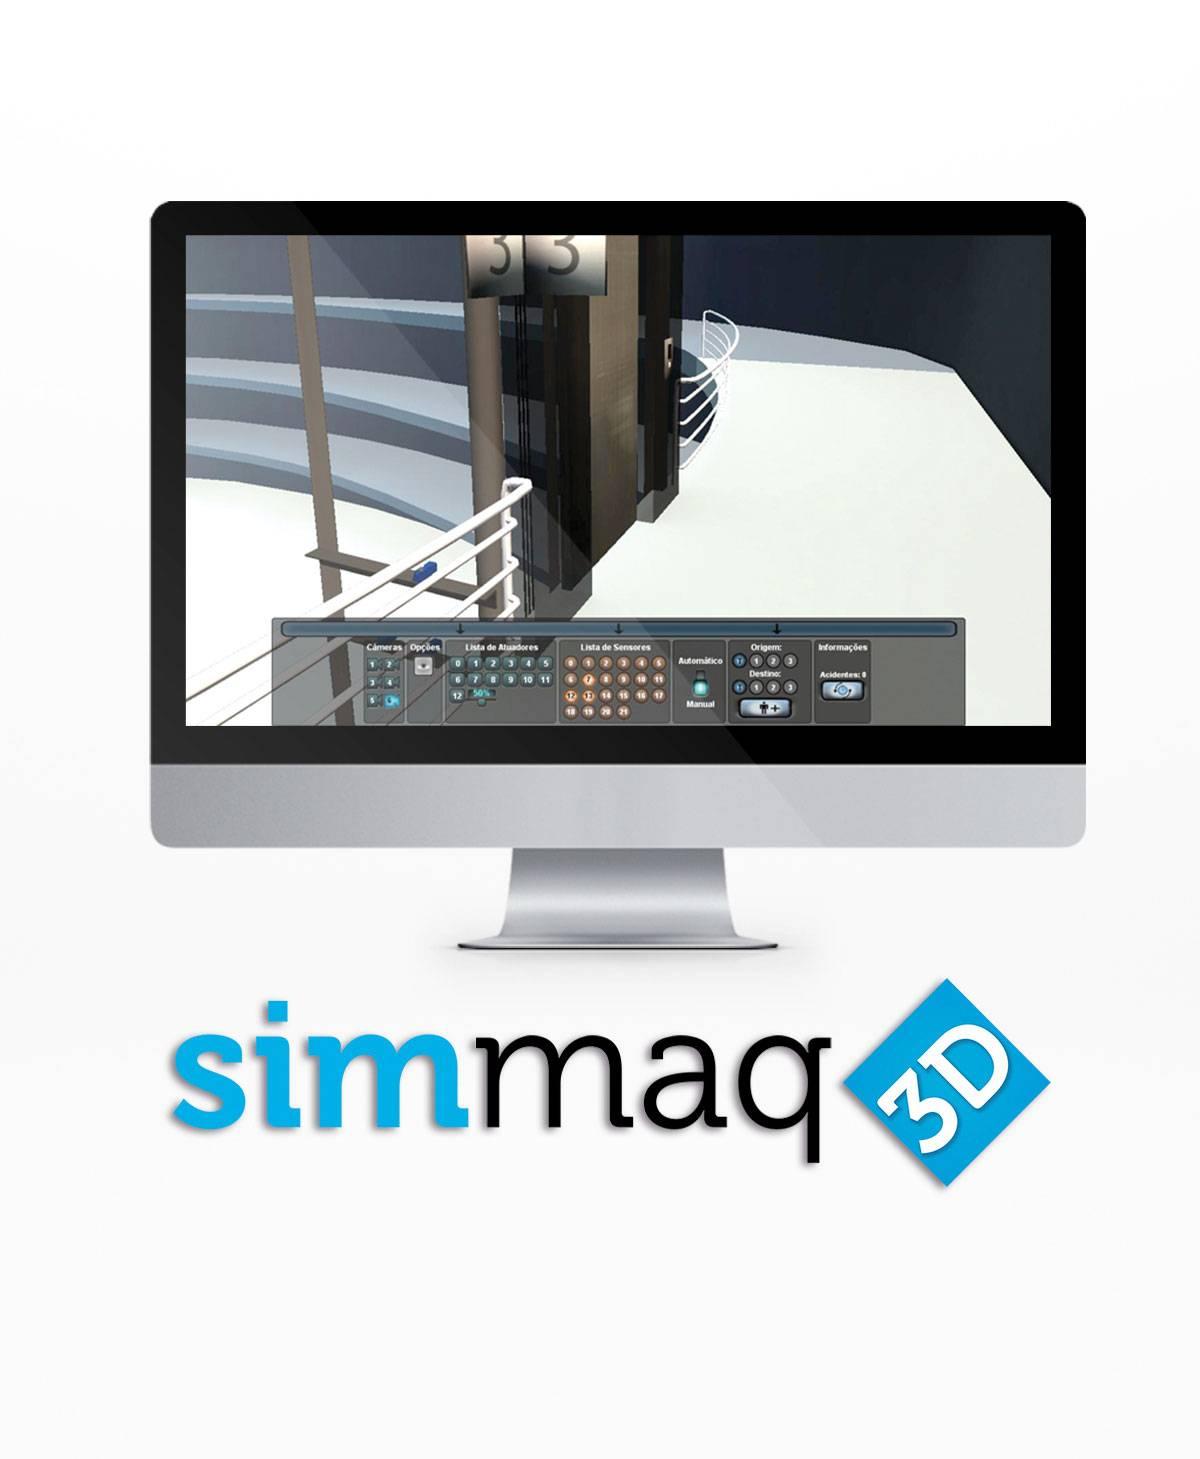 software-simulador-simmaq-3d-auttom